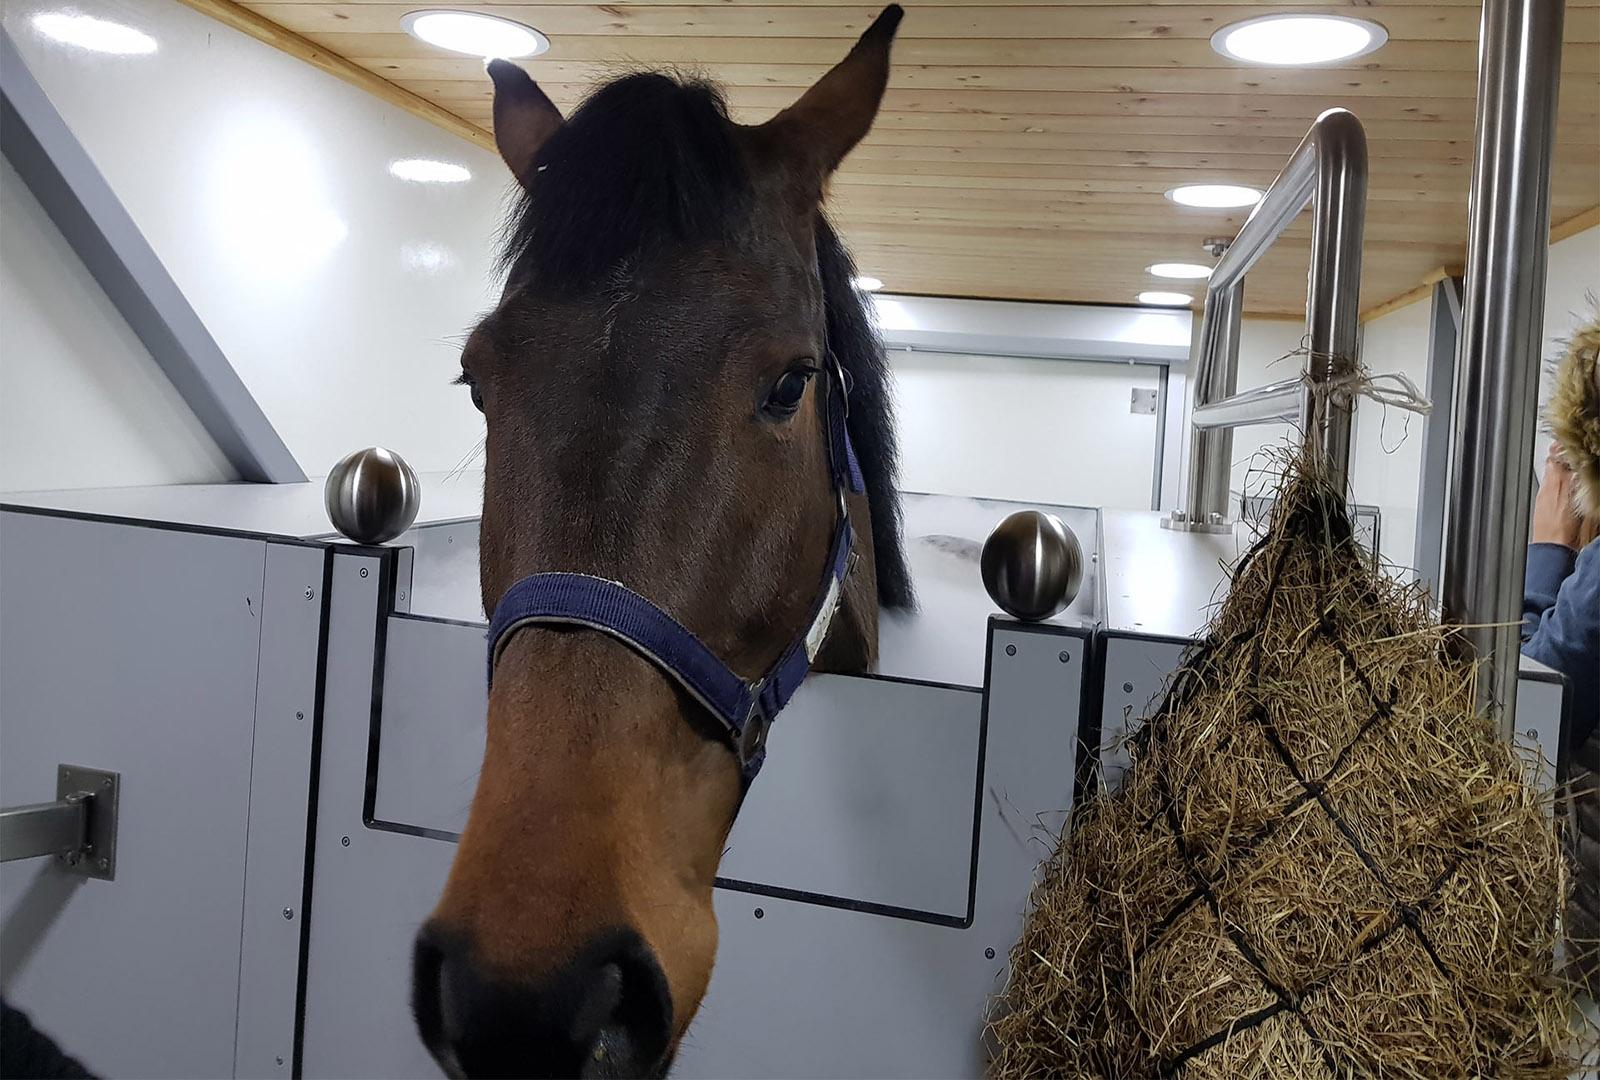 Cryochamber for horses